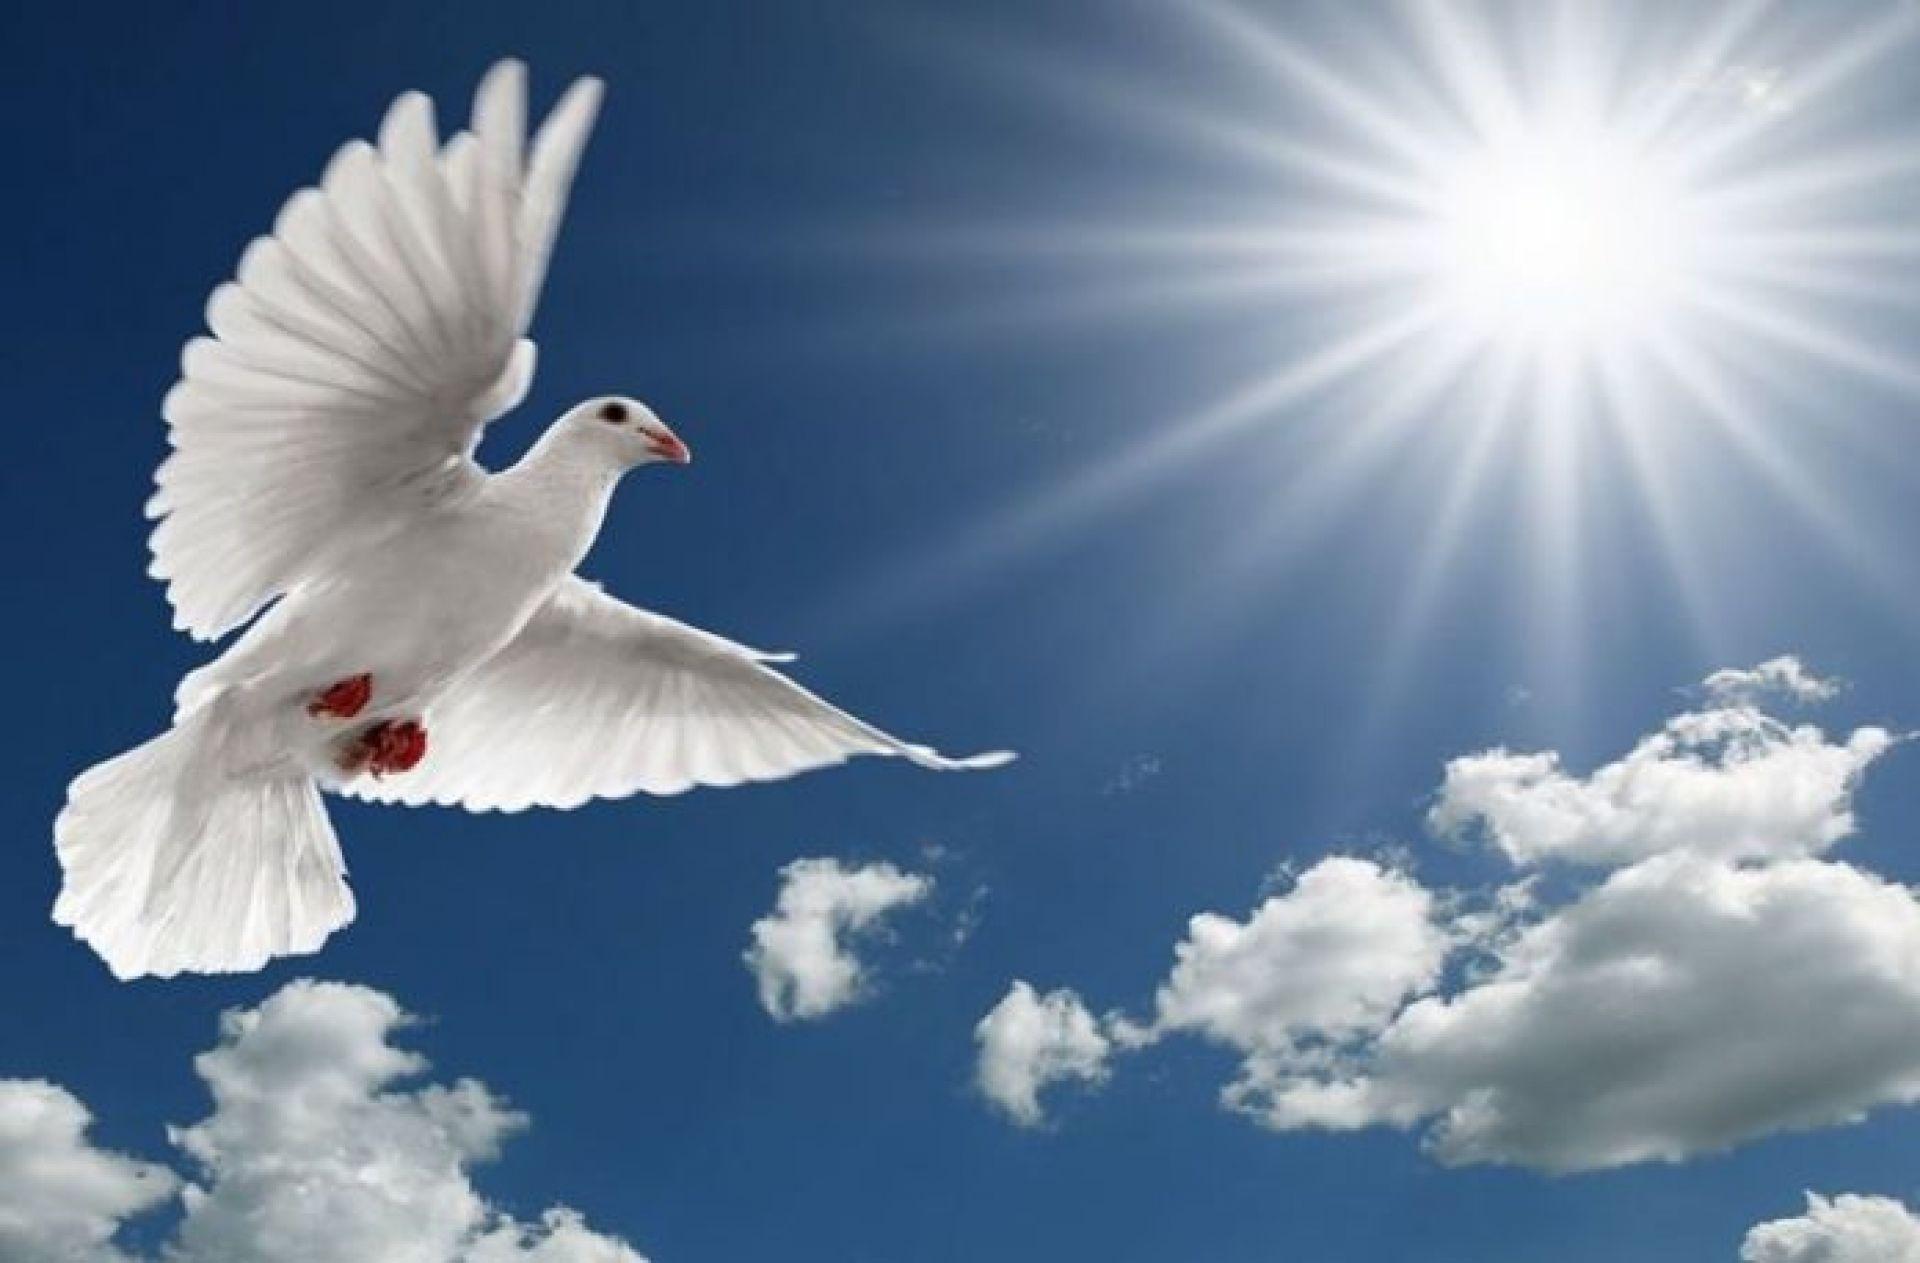 Αργίες 2021: Πότε πέφτει του Αγίου Πνεύματος και οι υπόλοιπες αργίες του χρόνου